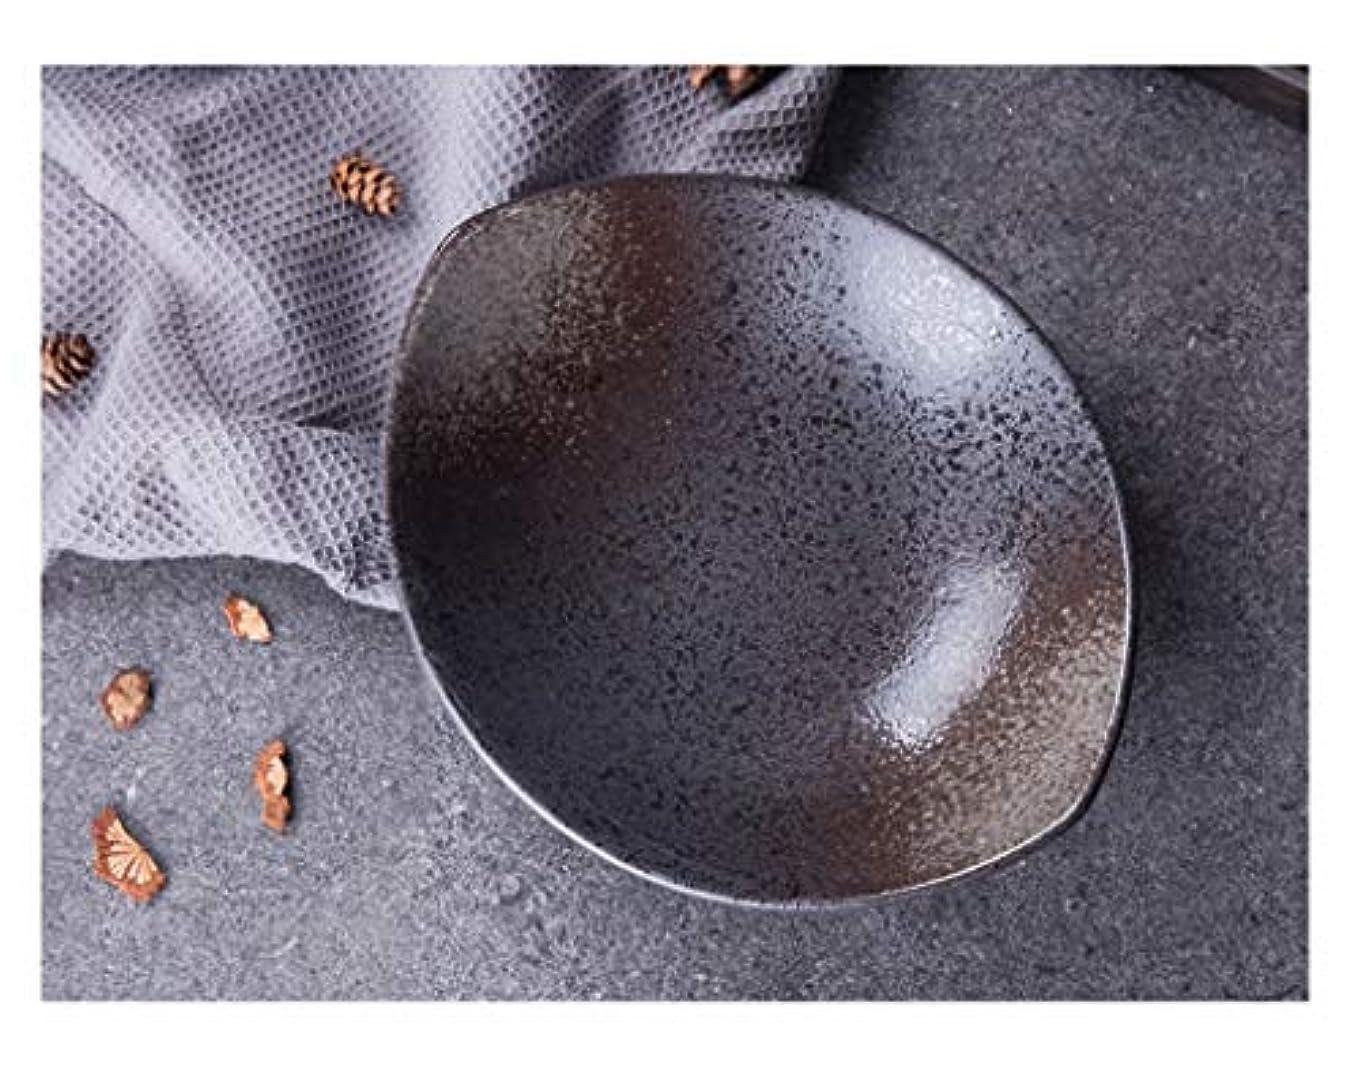 ハンサム熟す貝殻セラミックボウル 日本の陶器丼、家庭用食器、大フルーツサラダ丼 ホーム (色 : ブラック)